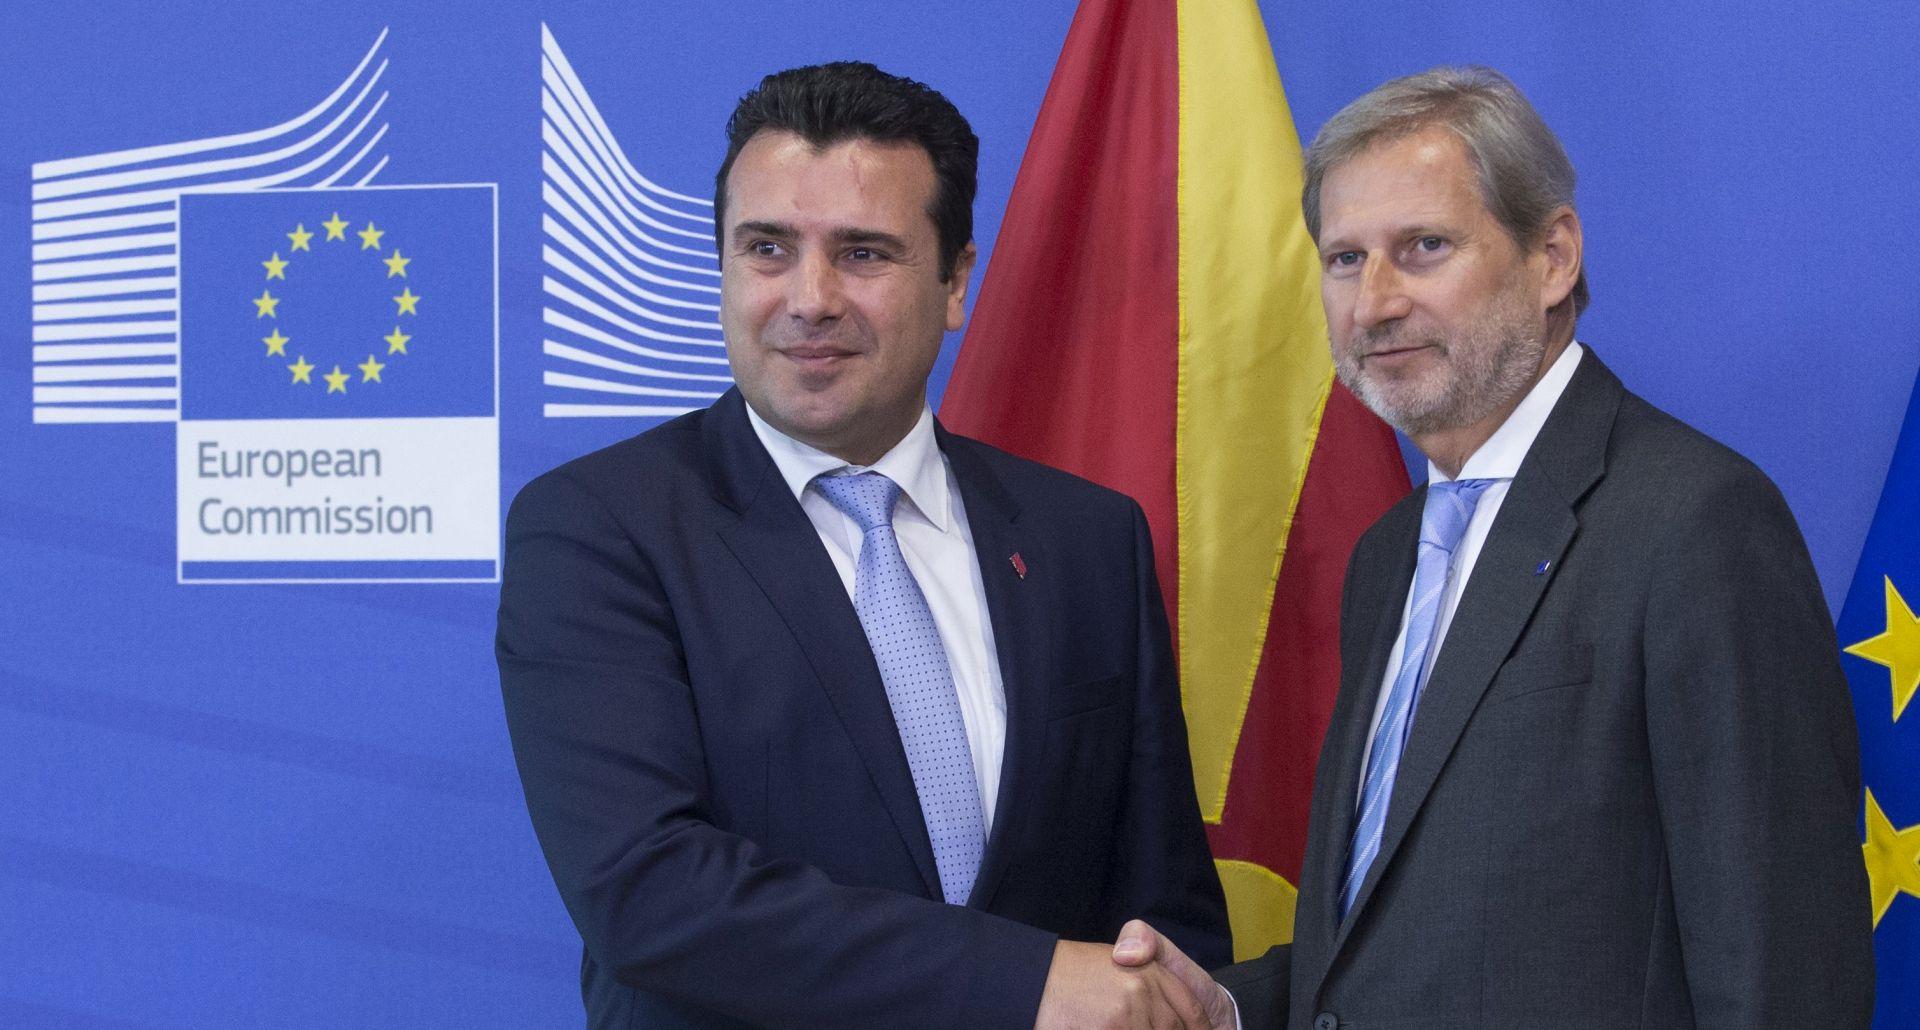 Makedonija računa na prijateljstvo Grčke – Zaev